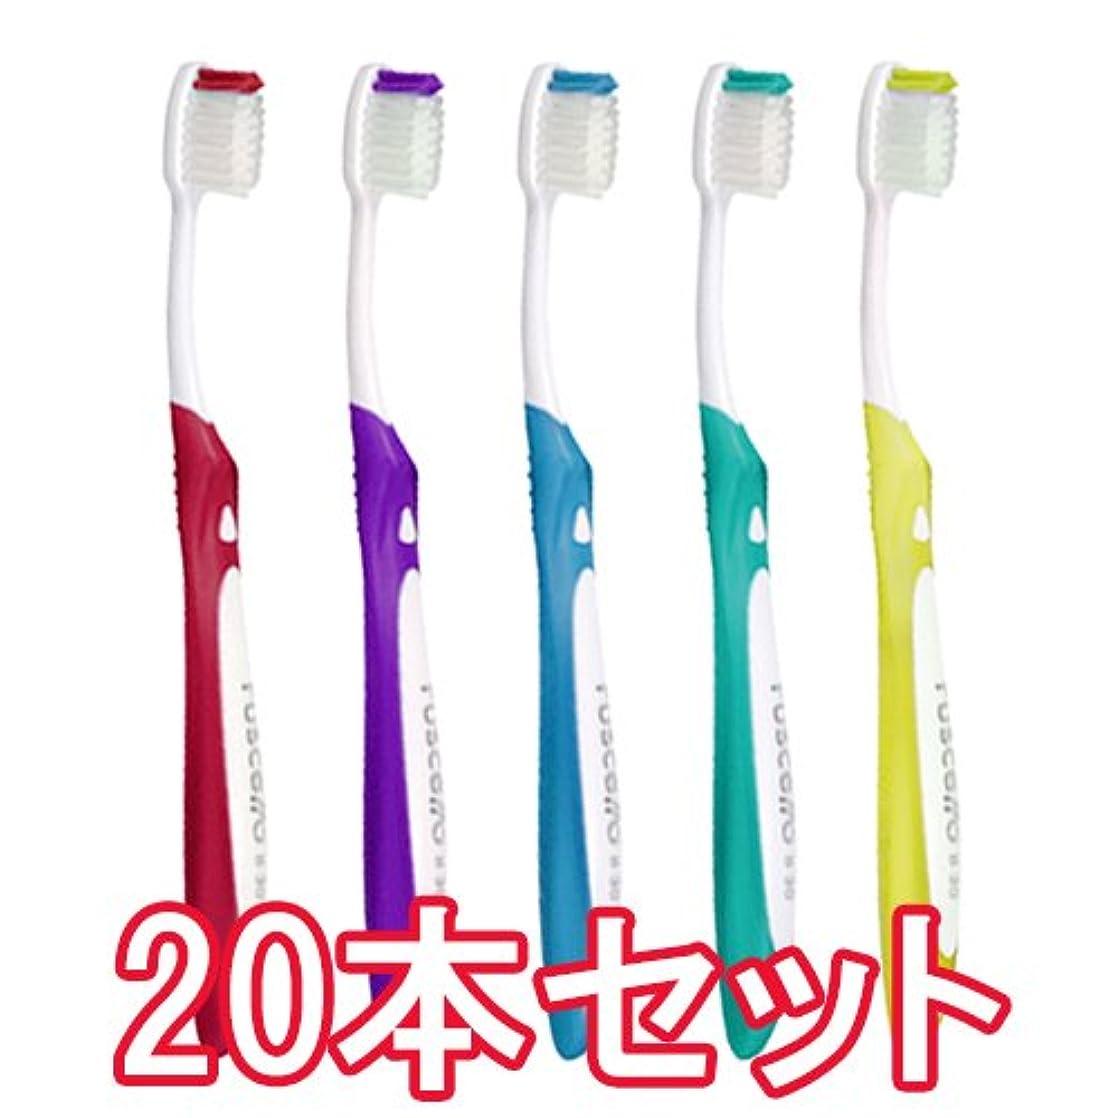 学習者バンきゅうりジーシー(GC) ルシェロB-30 グラッポ 歯ブラシ × 20本セット【キャップ付き】